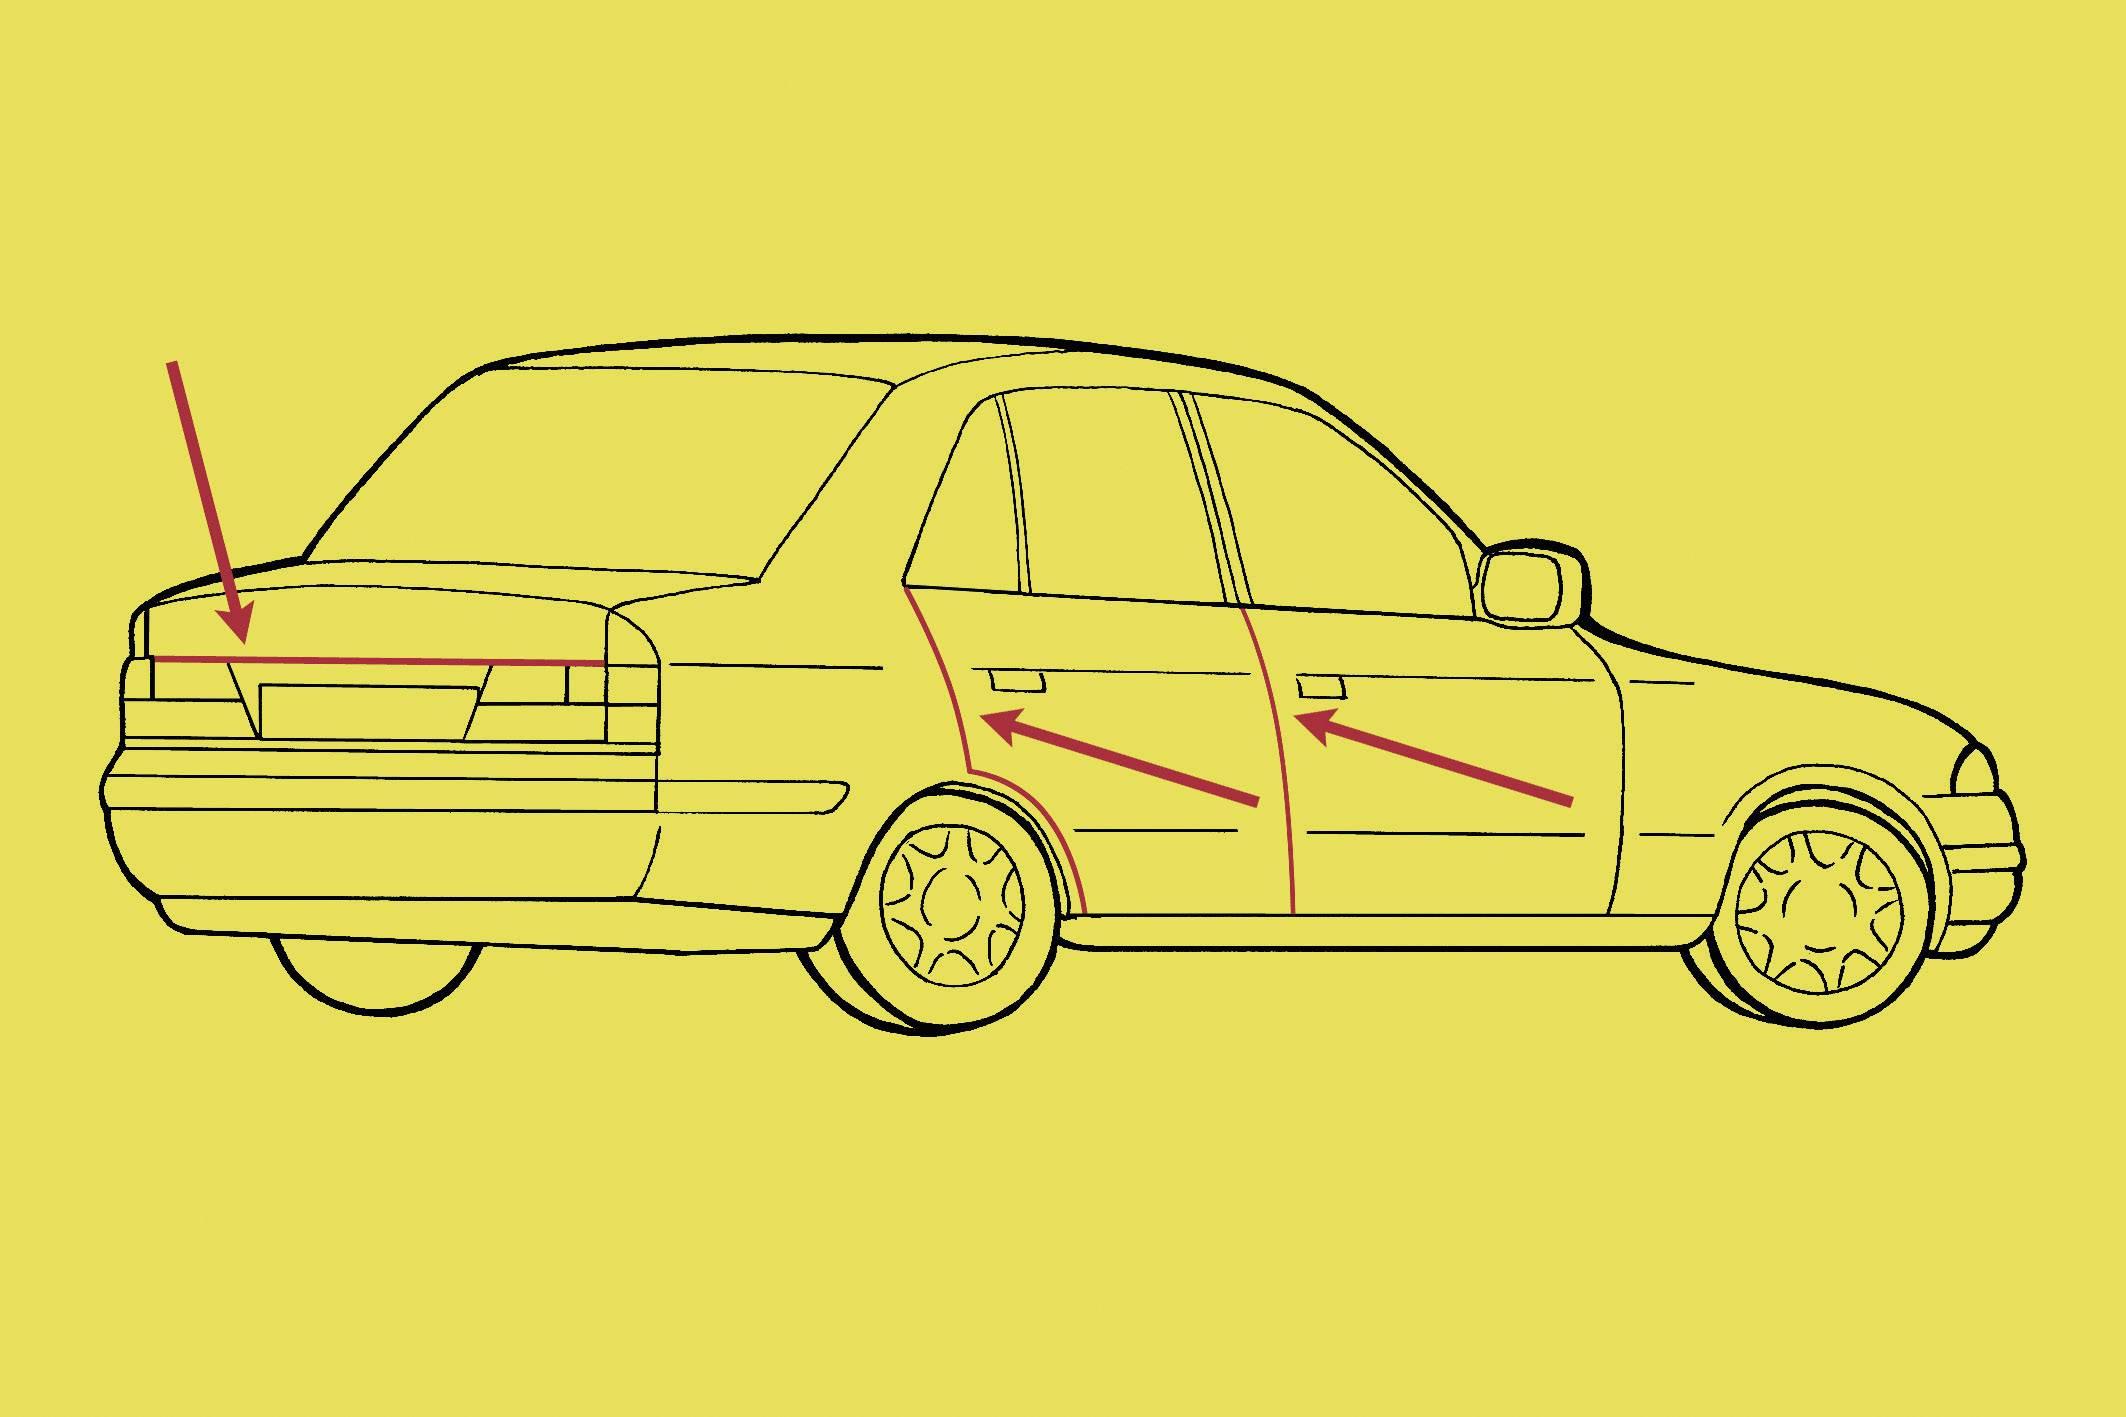 Ochranná lišta na dvere auta 18279, chróm